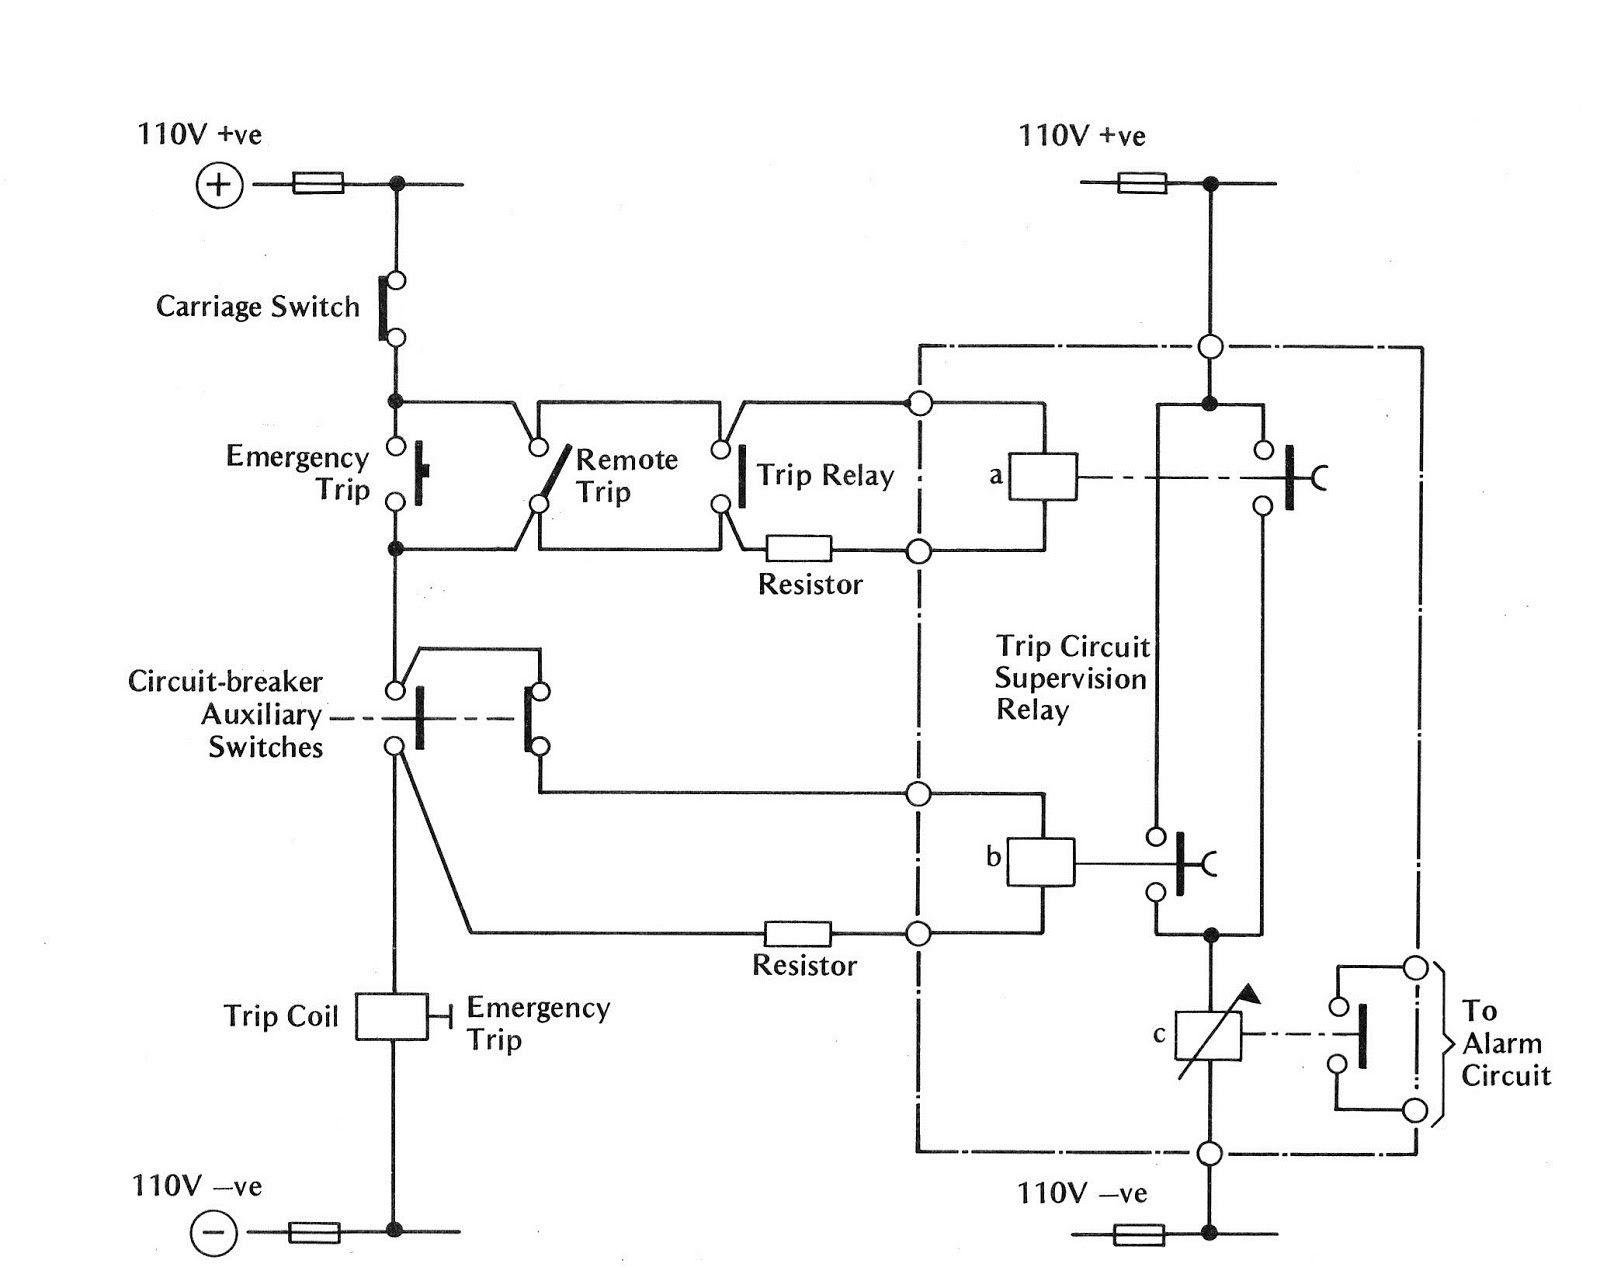 siemens breaker wiring diagram schema wiring diagramcircuit breaker shunt trip wiring diagram new siemens throughout siemens [ 1600 x 1267 Pixel ]